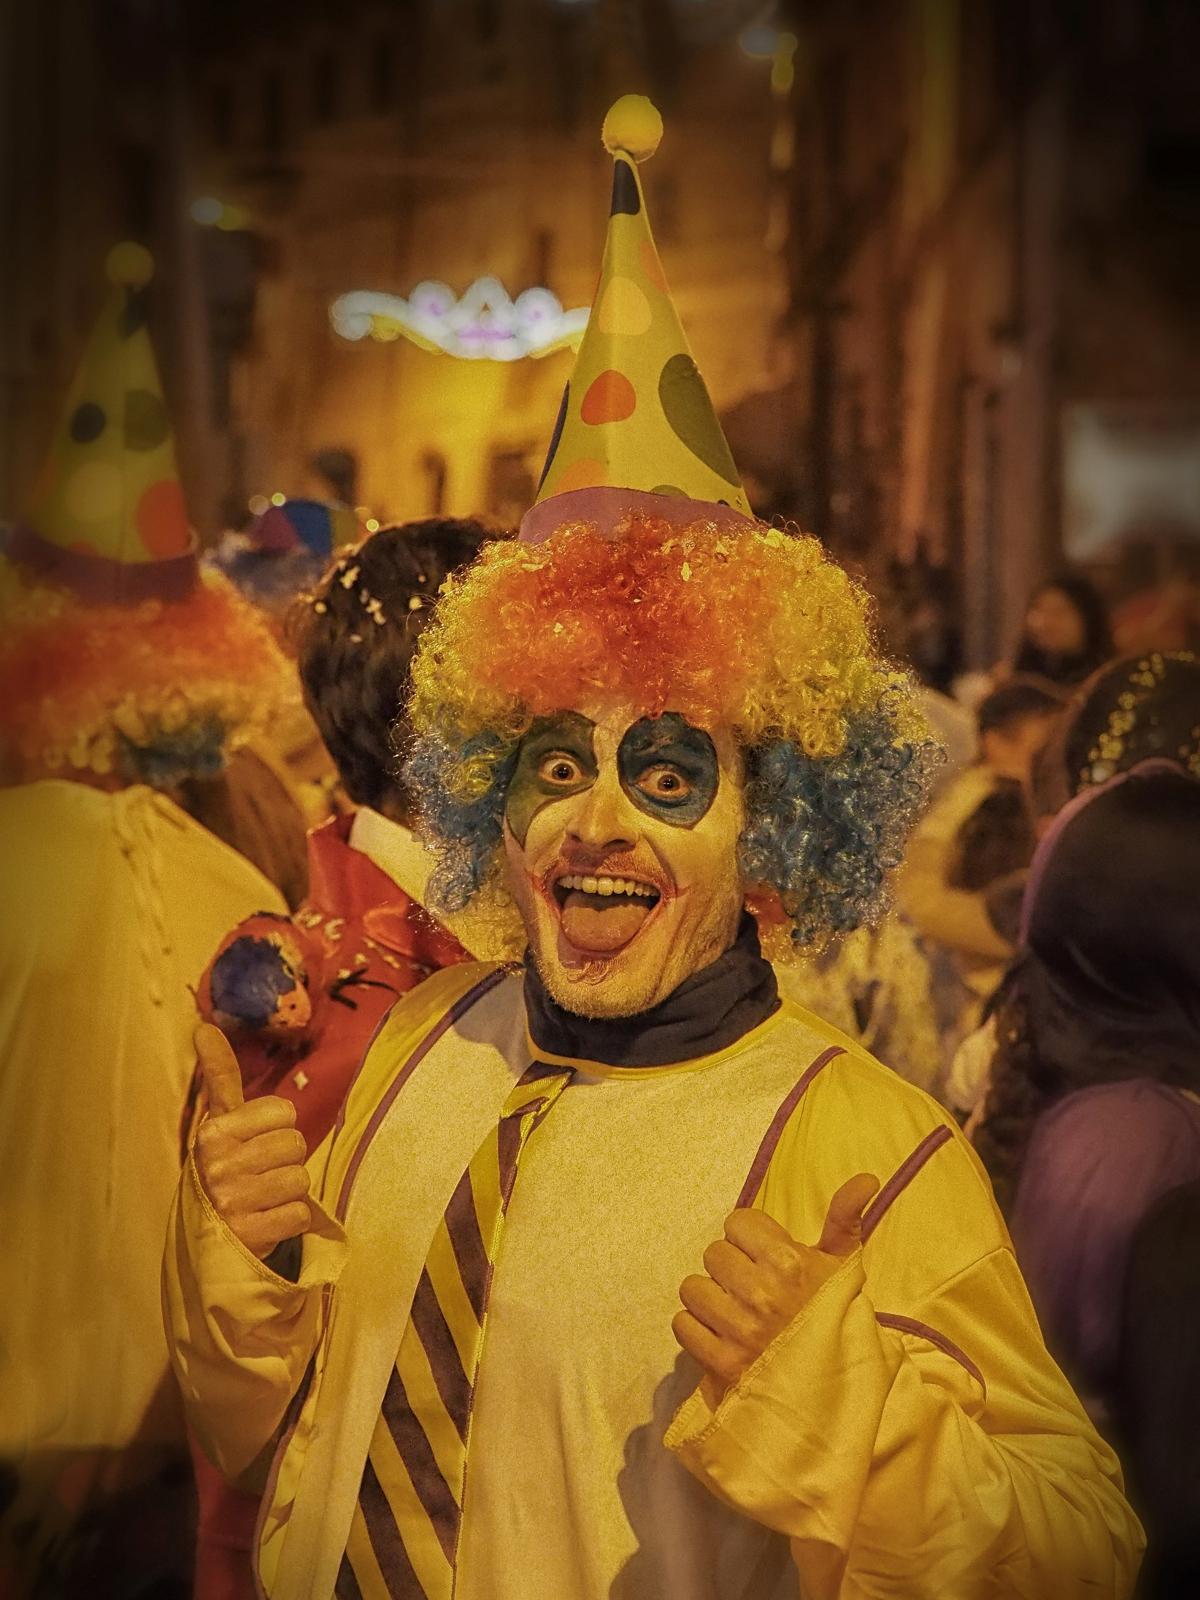 the clown...